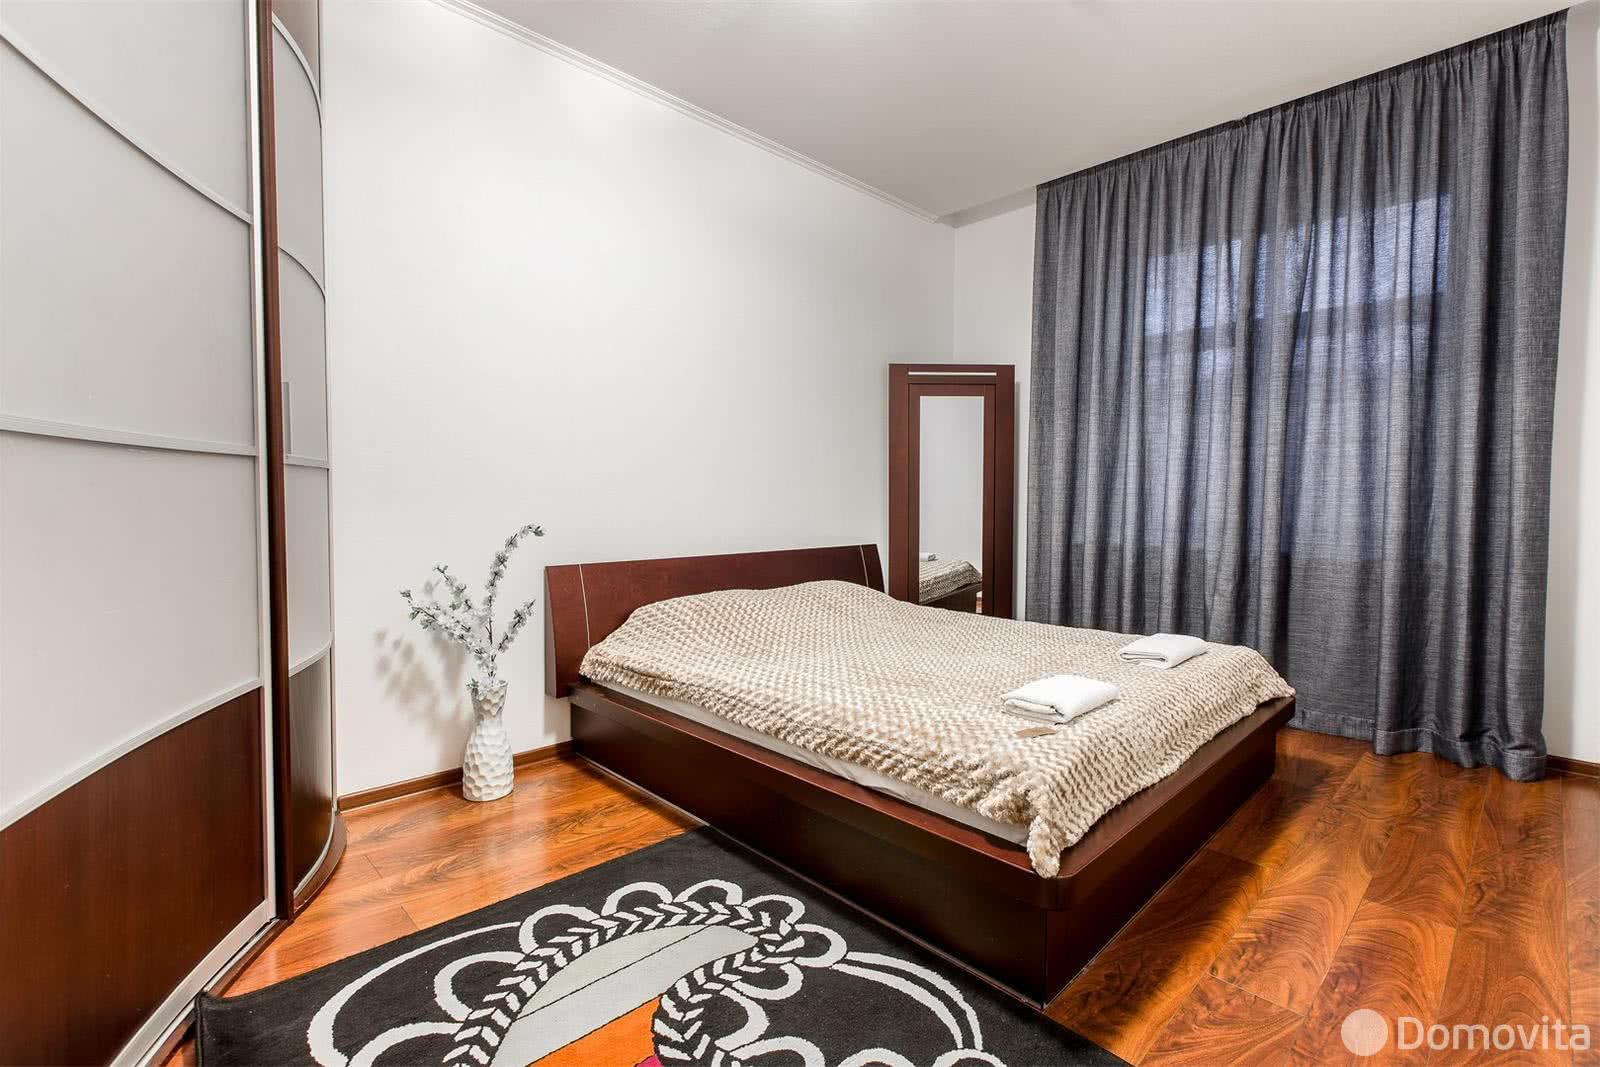 Аренда 2-комнатной квартиры на сутки в Минске ул. Свердлова, д. 19 - фото 1